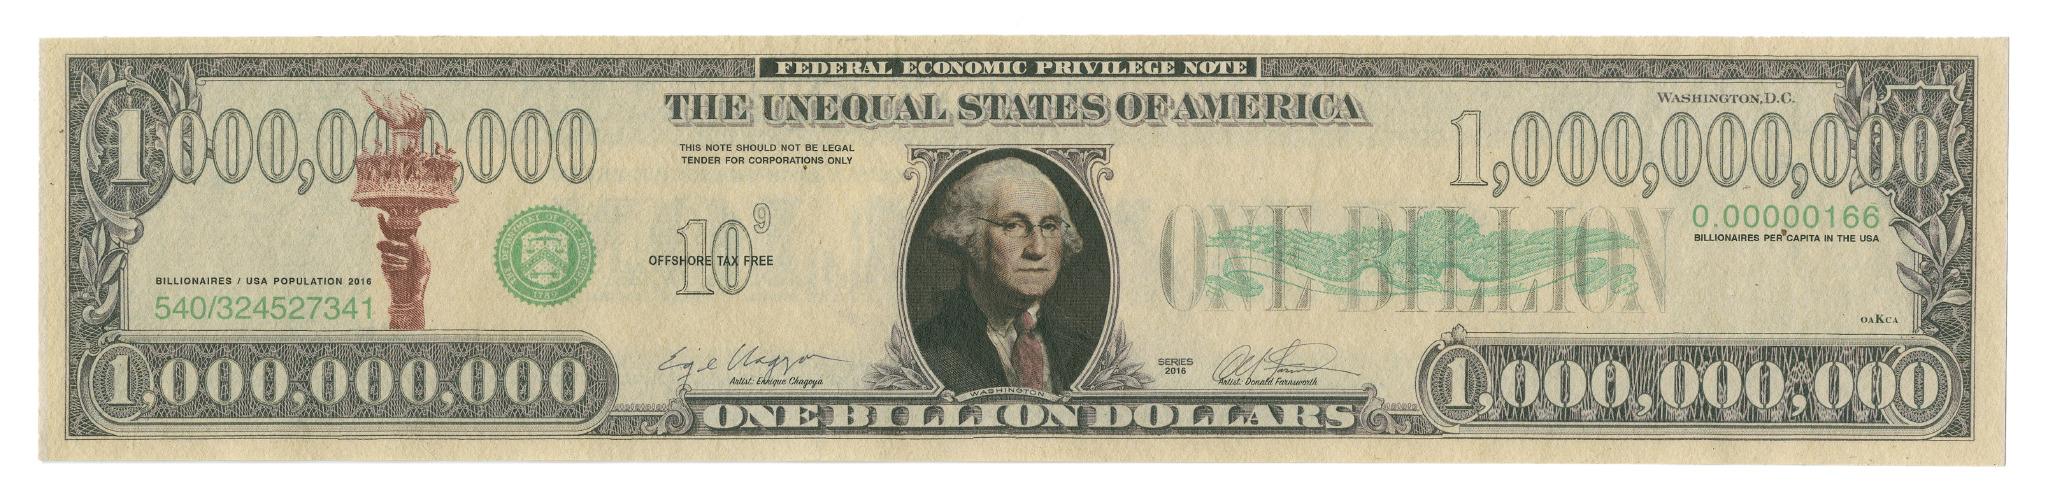 Enrique Chagoya One Billion Dollar Bill